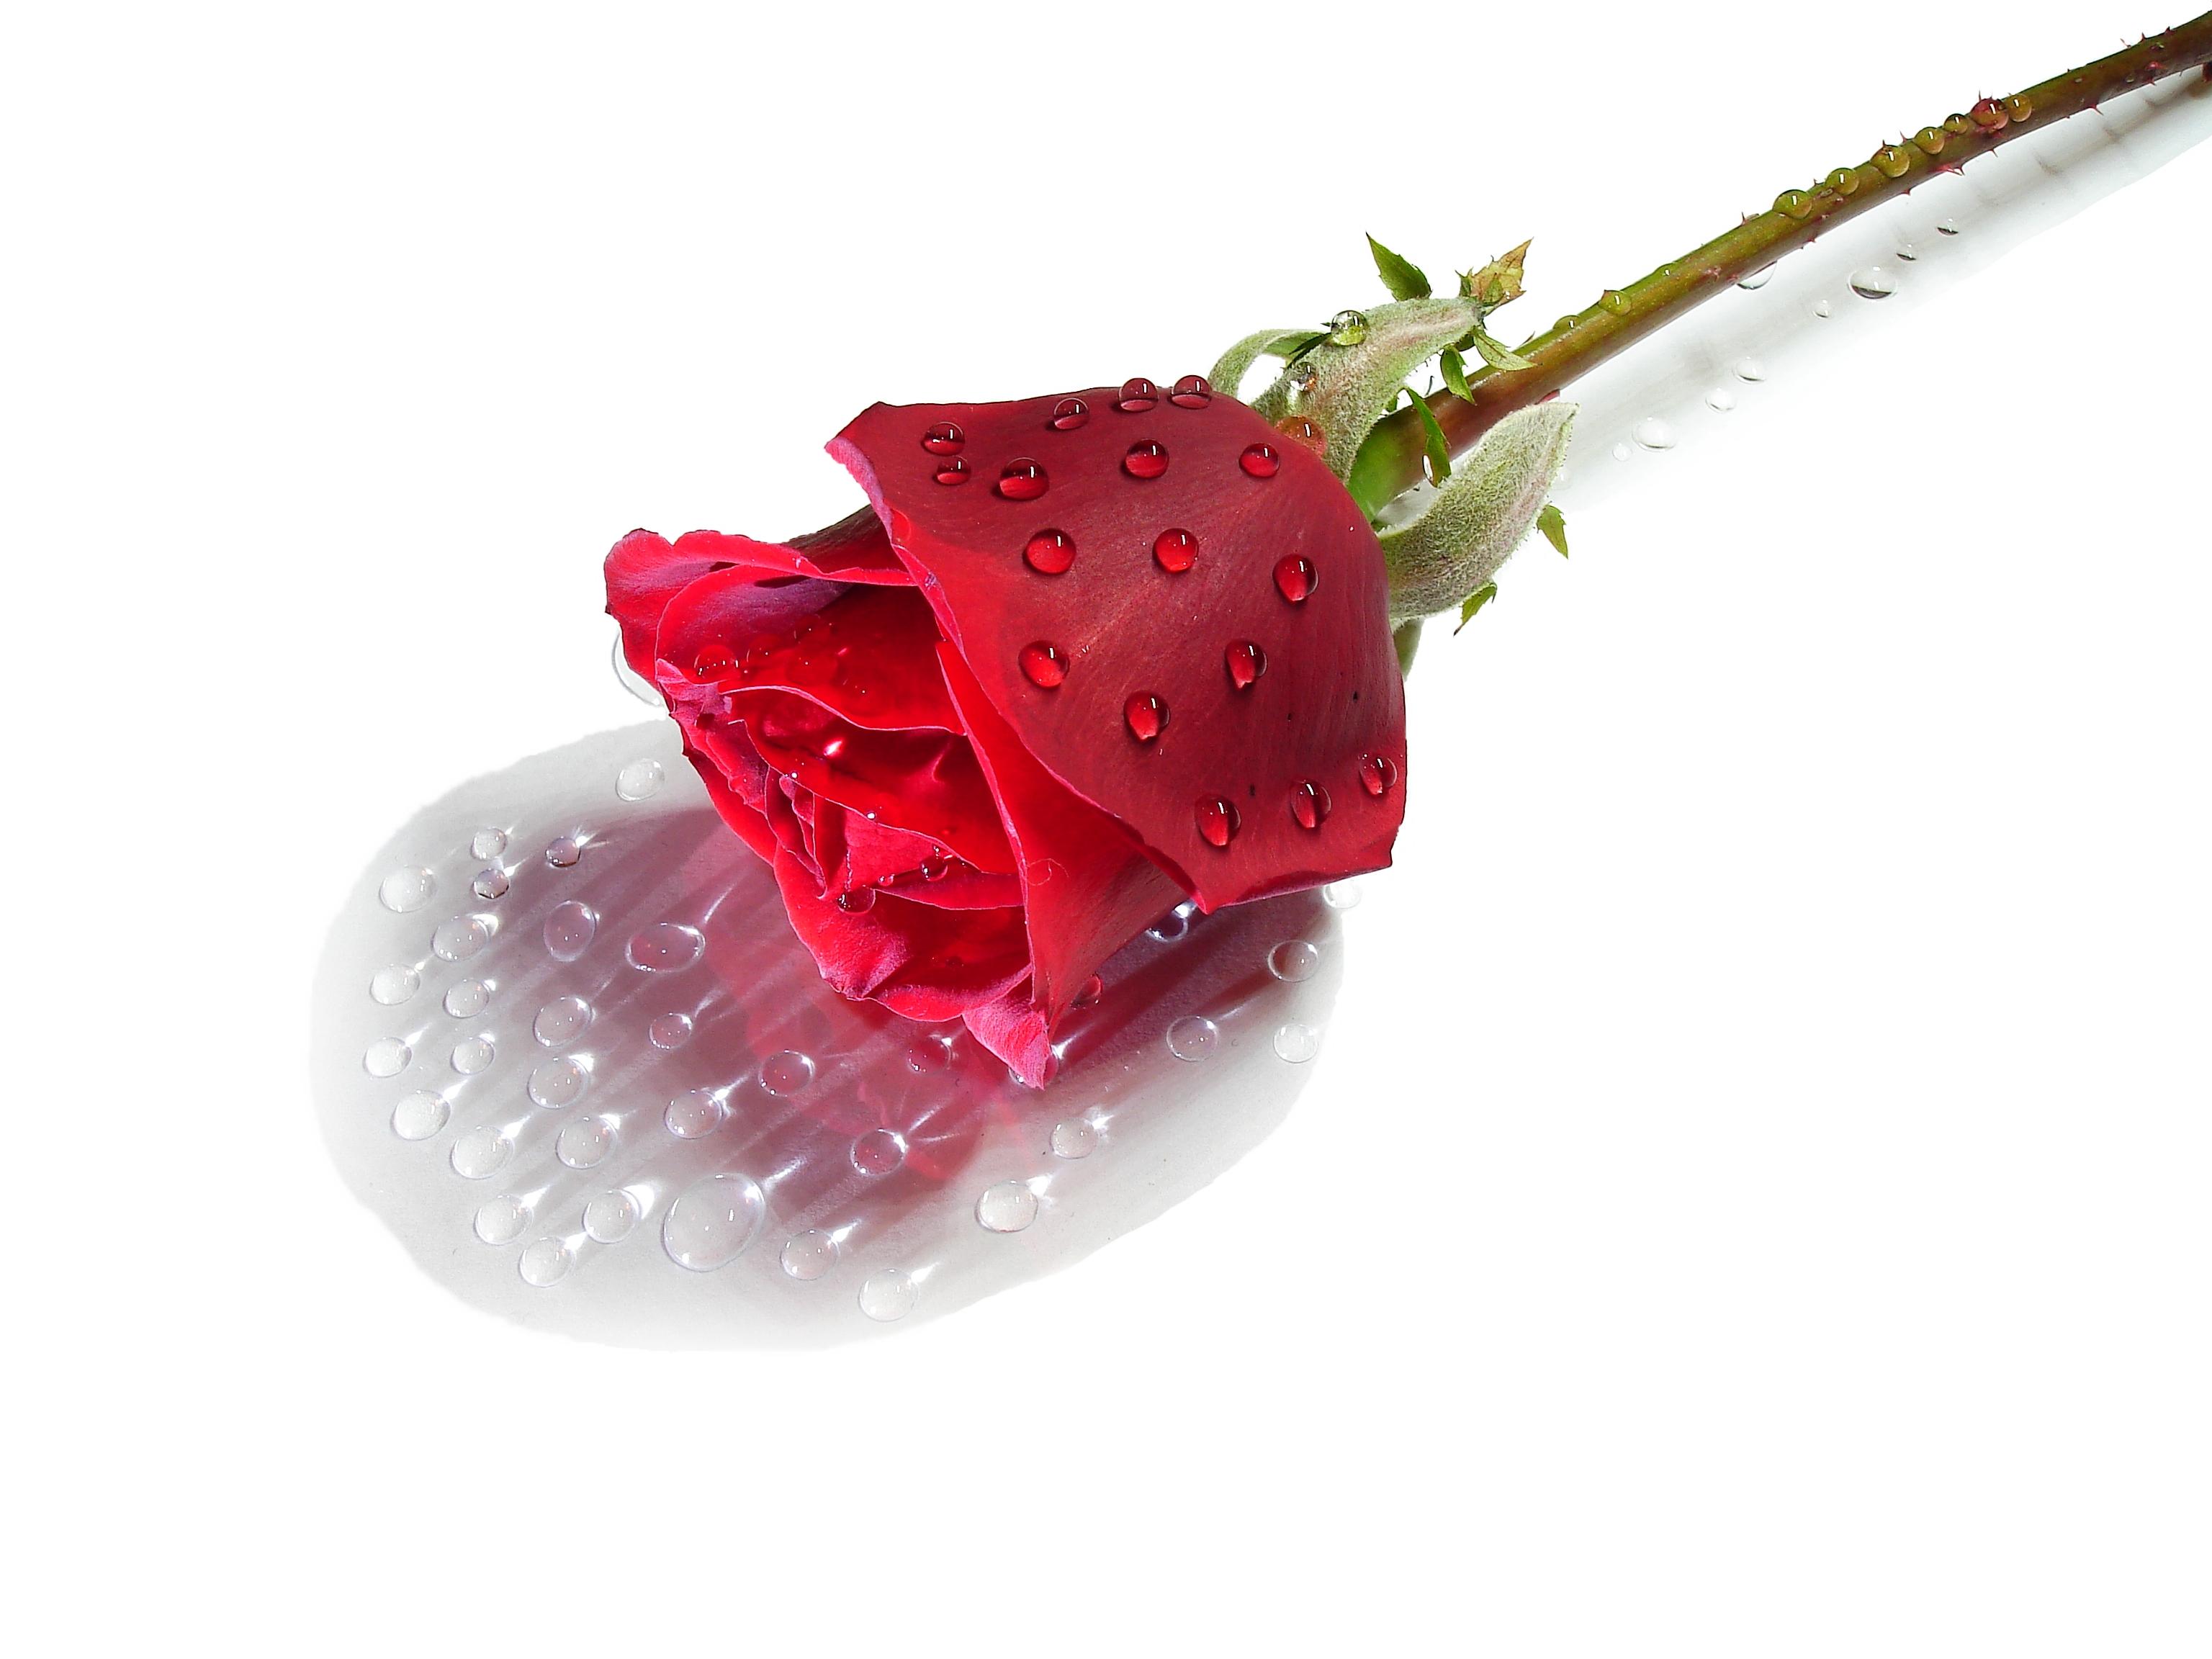 Sfondi Leggero Rosso Riflessione Rosa Rossa Sfondo Bianco